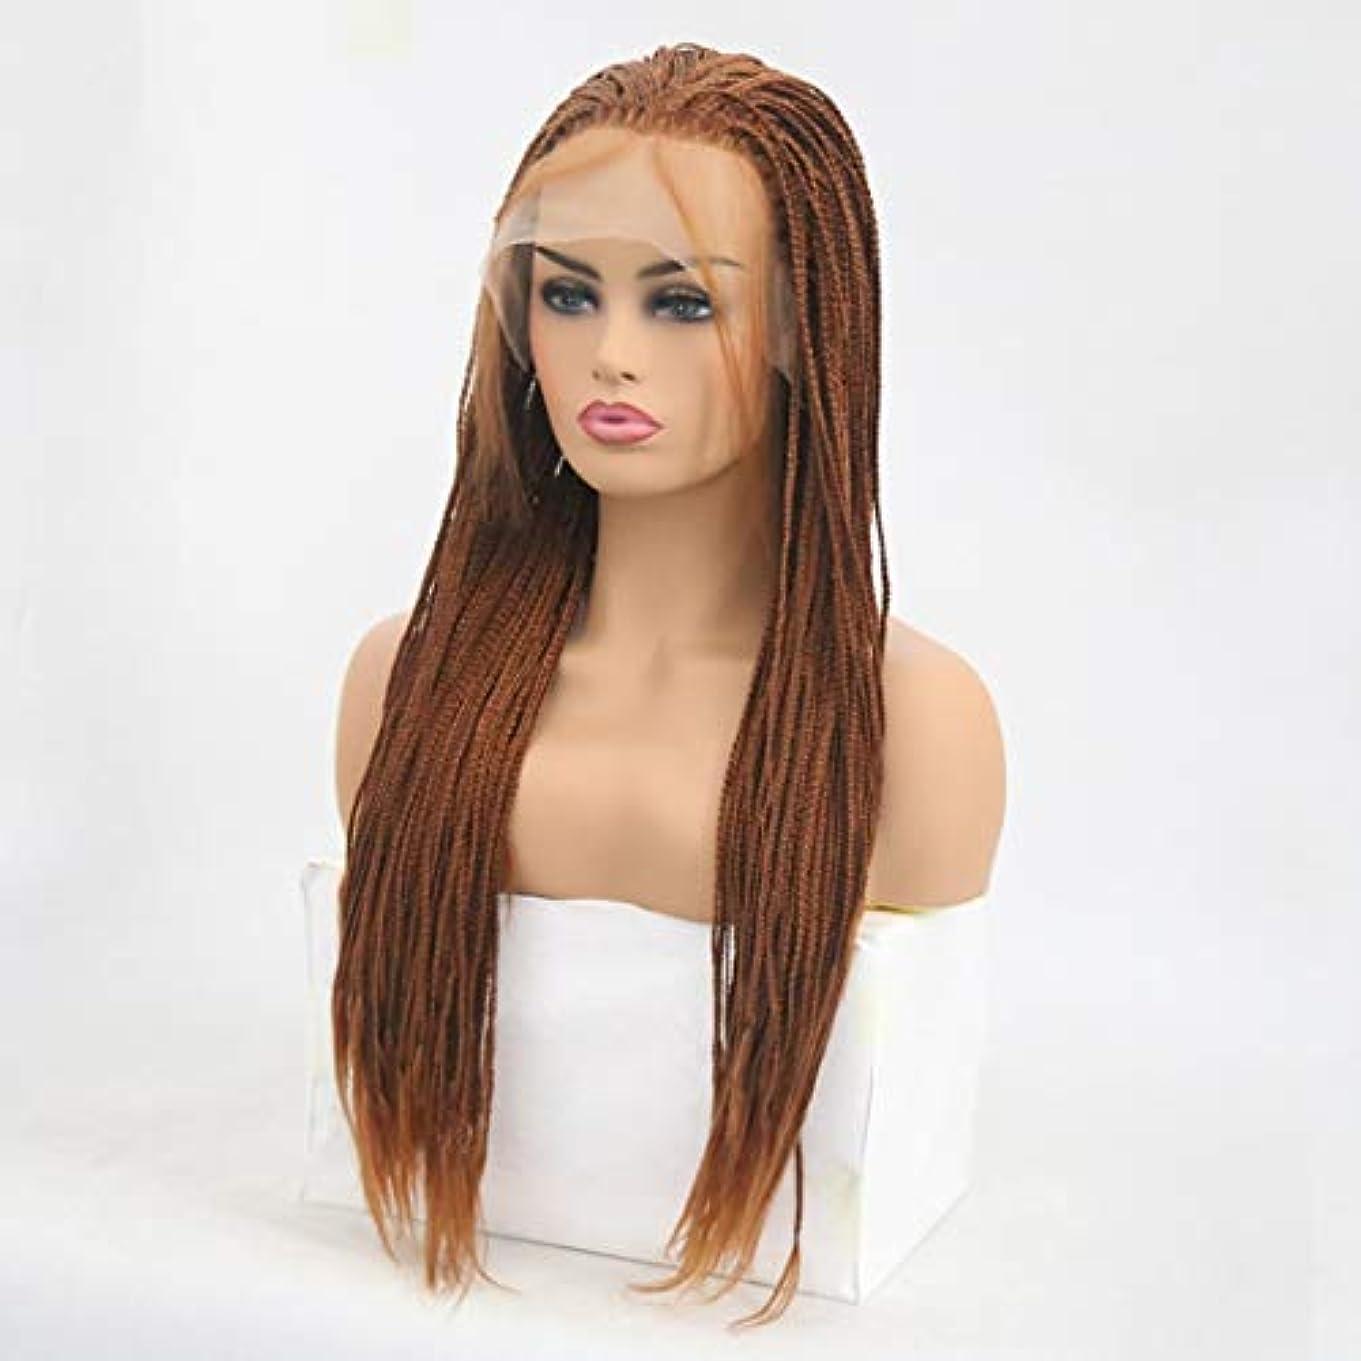 ウェーハキャスト匿名Kerwinner 女性のための前髪の髪のかつらで絹のような長いストレート黒かつら耐熱合成かつら (Size : 20 inches)